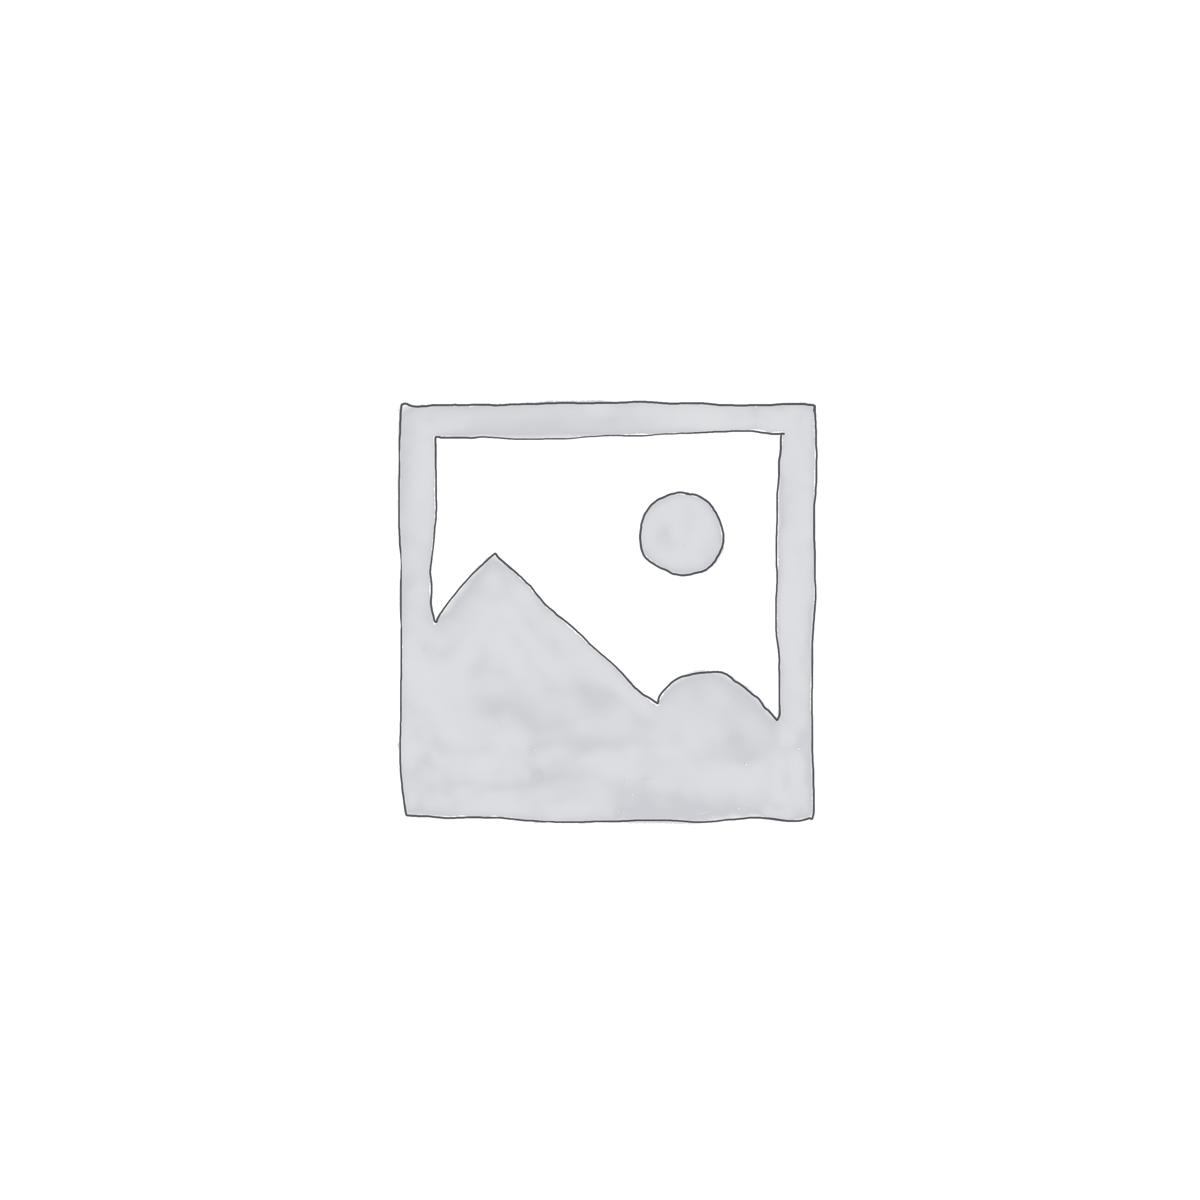 TOSOT R32 VLOER/PLAFOND single split